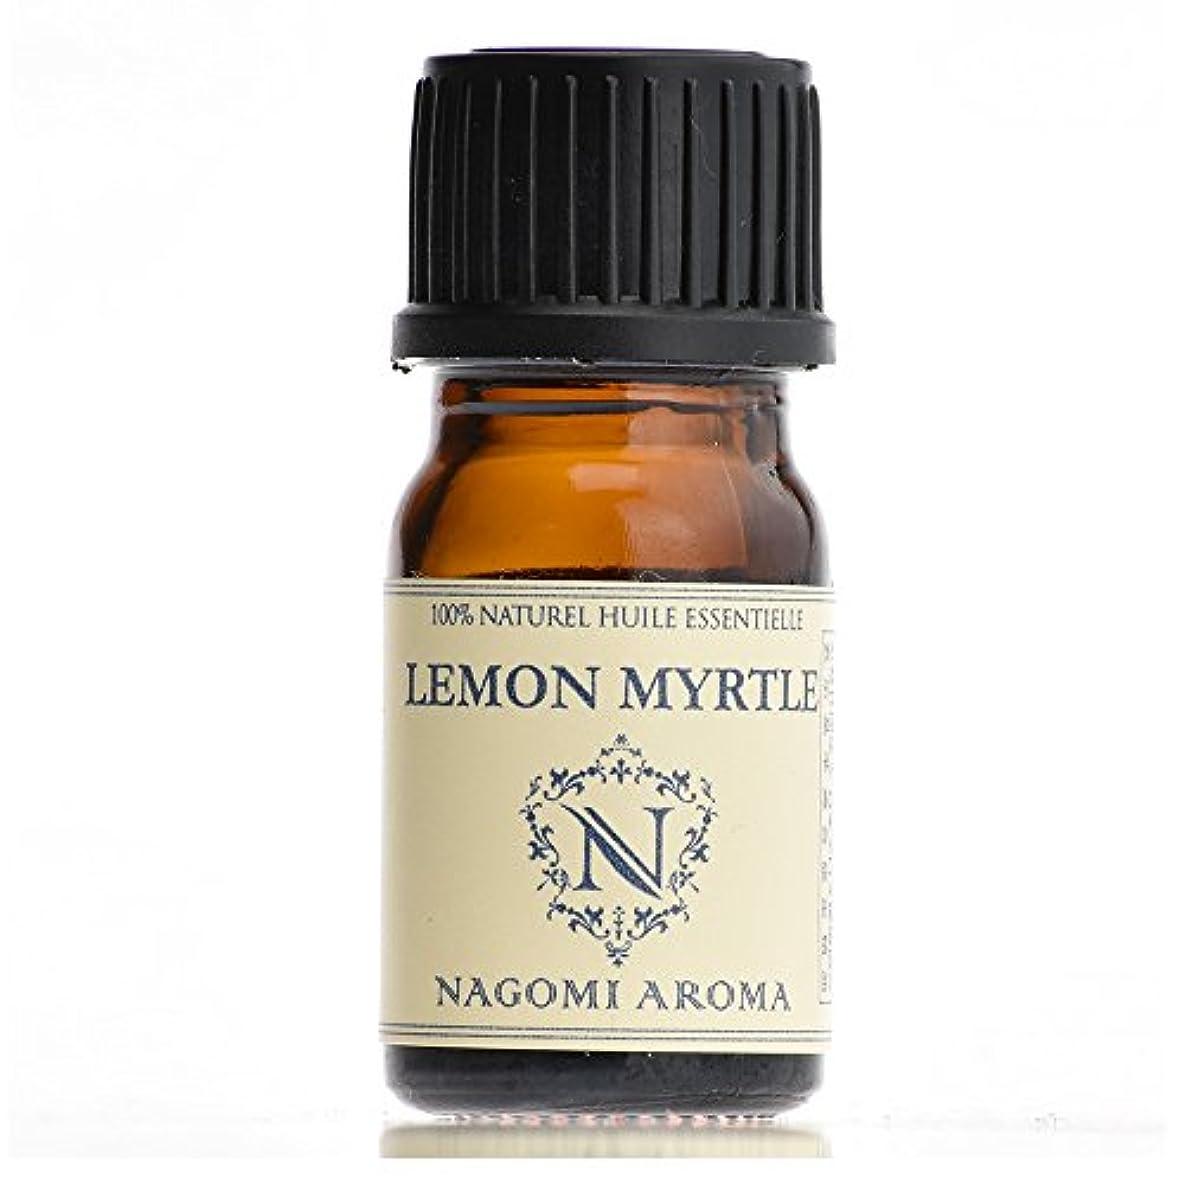 尽きる祈る隠された【AEAJ認定表示基準認定精油】NAGOMI PURE レモンマートル 5ml 【エッセンシャルオイル】【精油】【アロマオイル】|CONVOILs